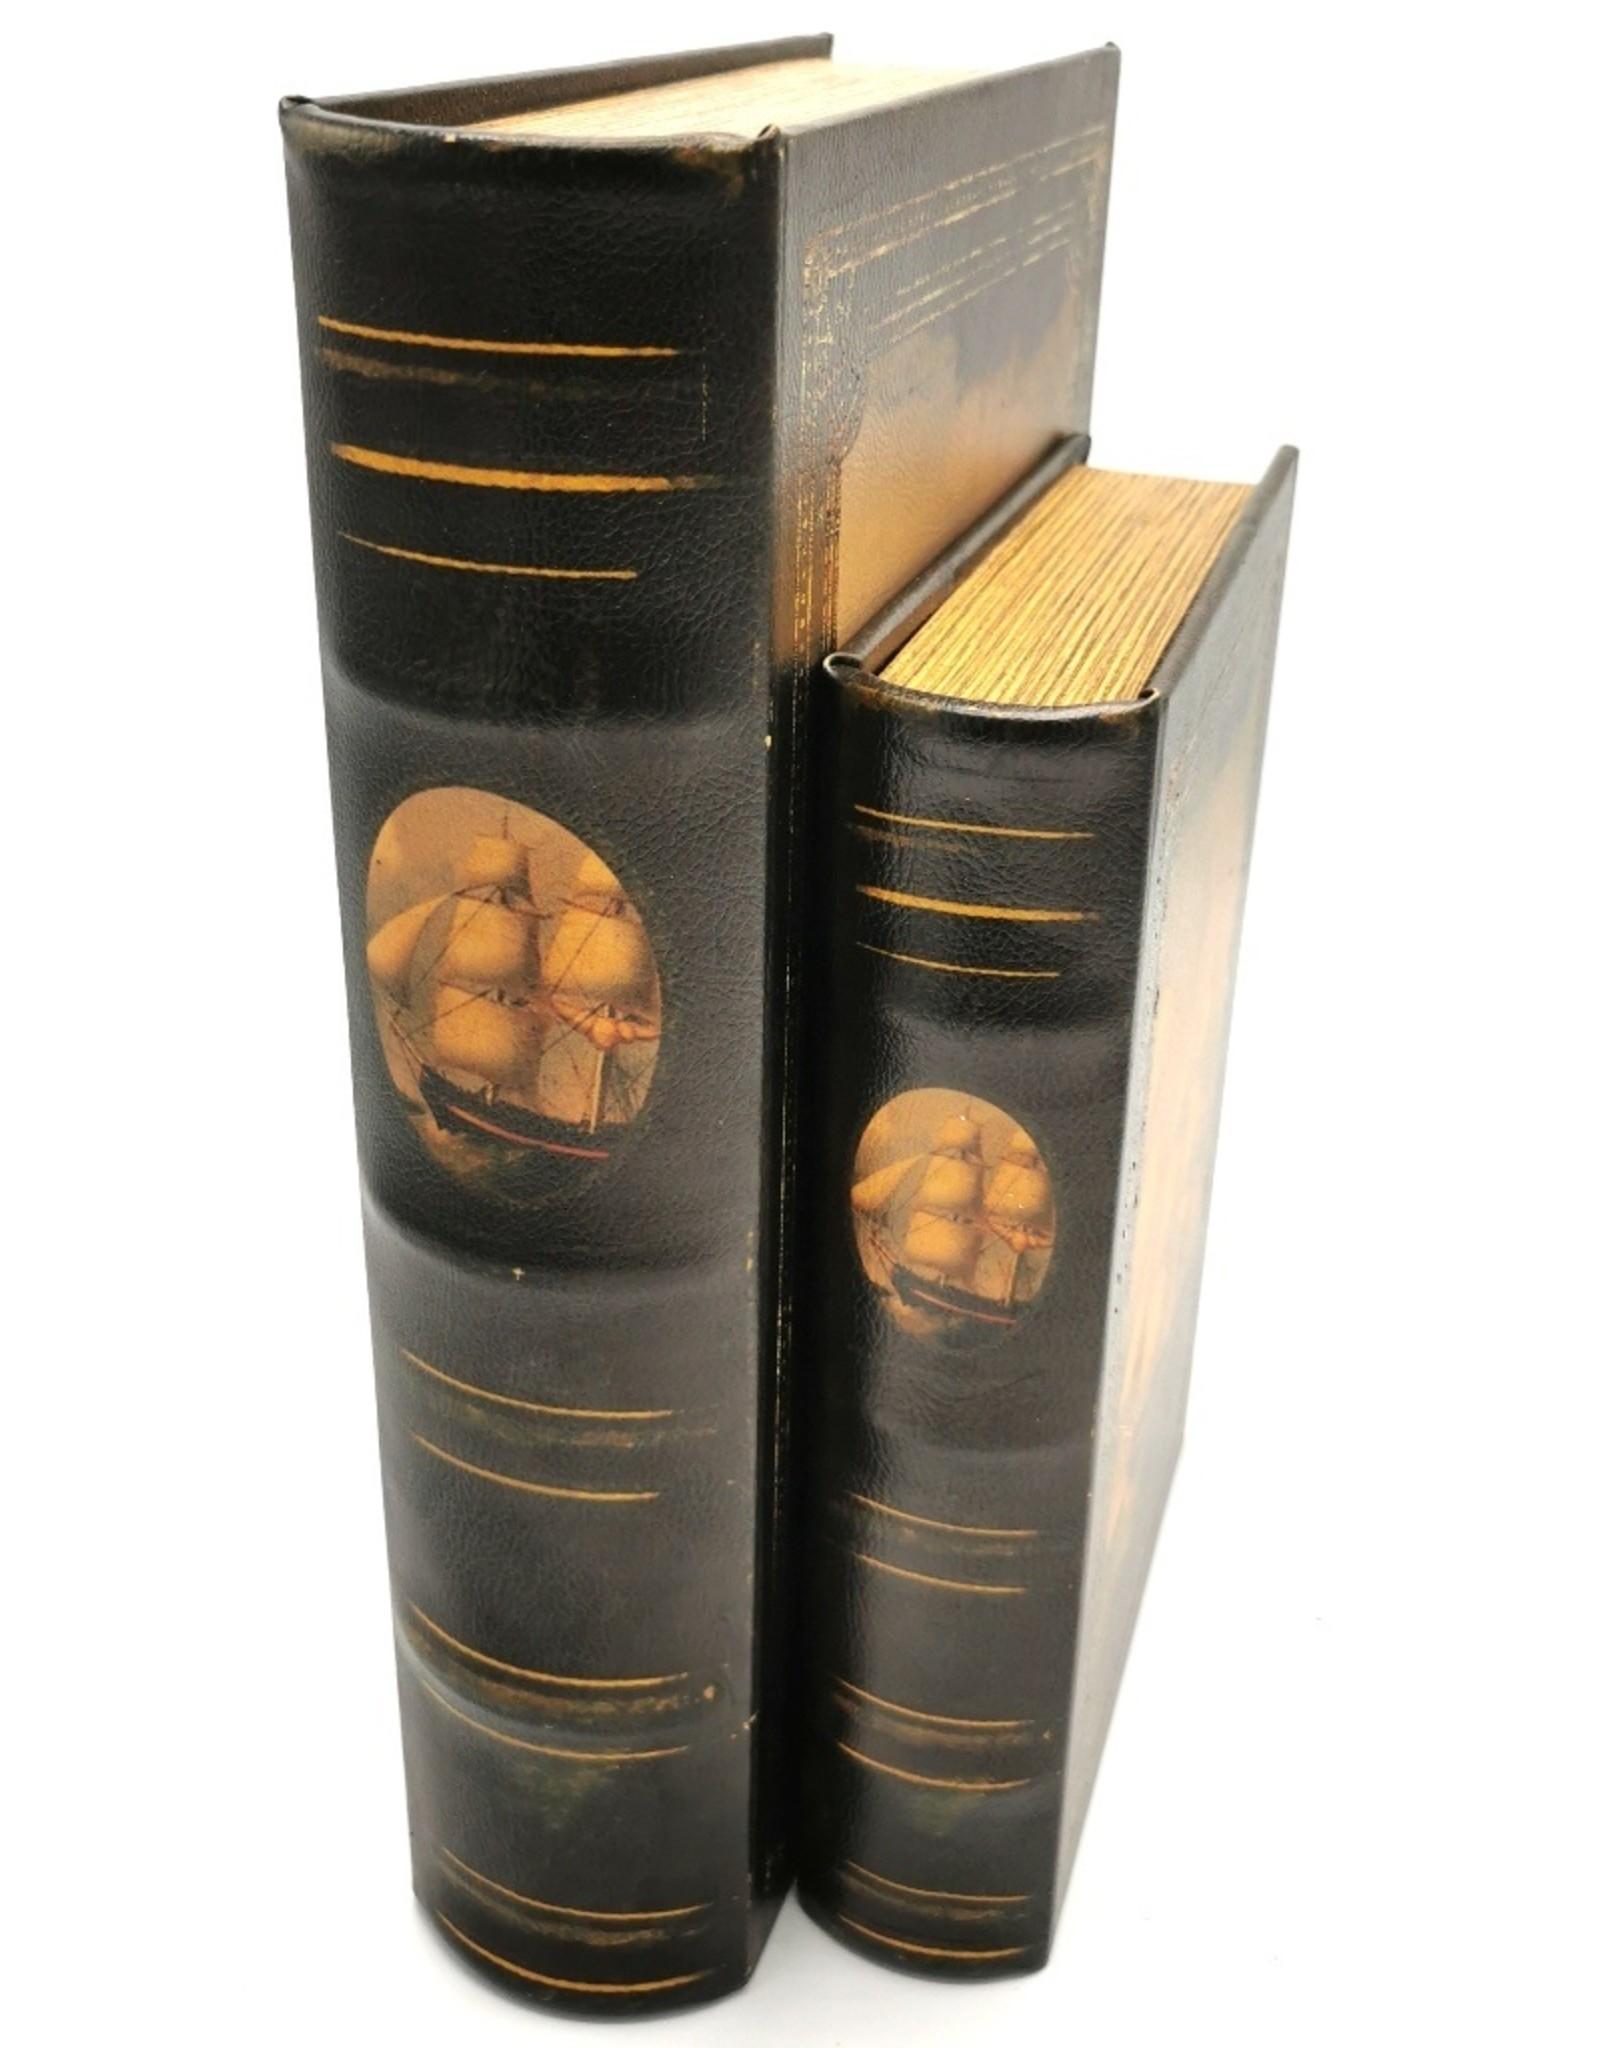 Giftware & Lifestyle - Opbergdoos Boek Zeilschip - Set van 2